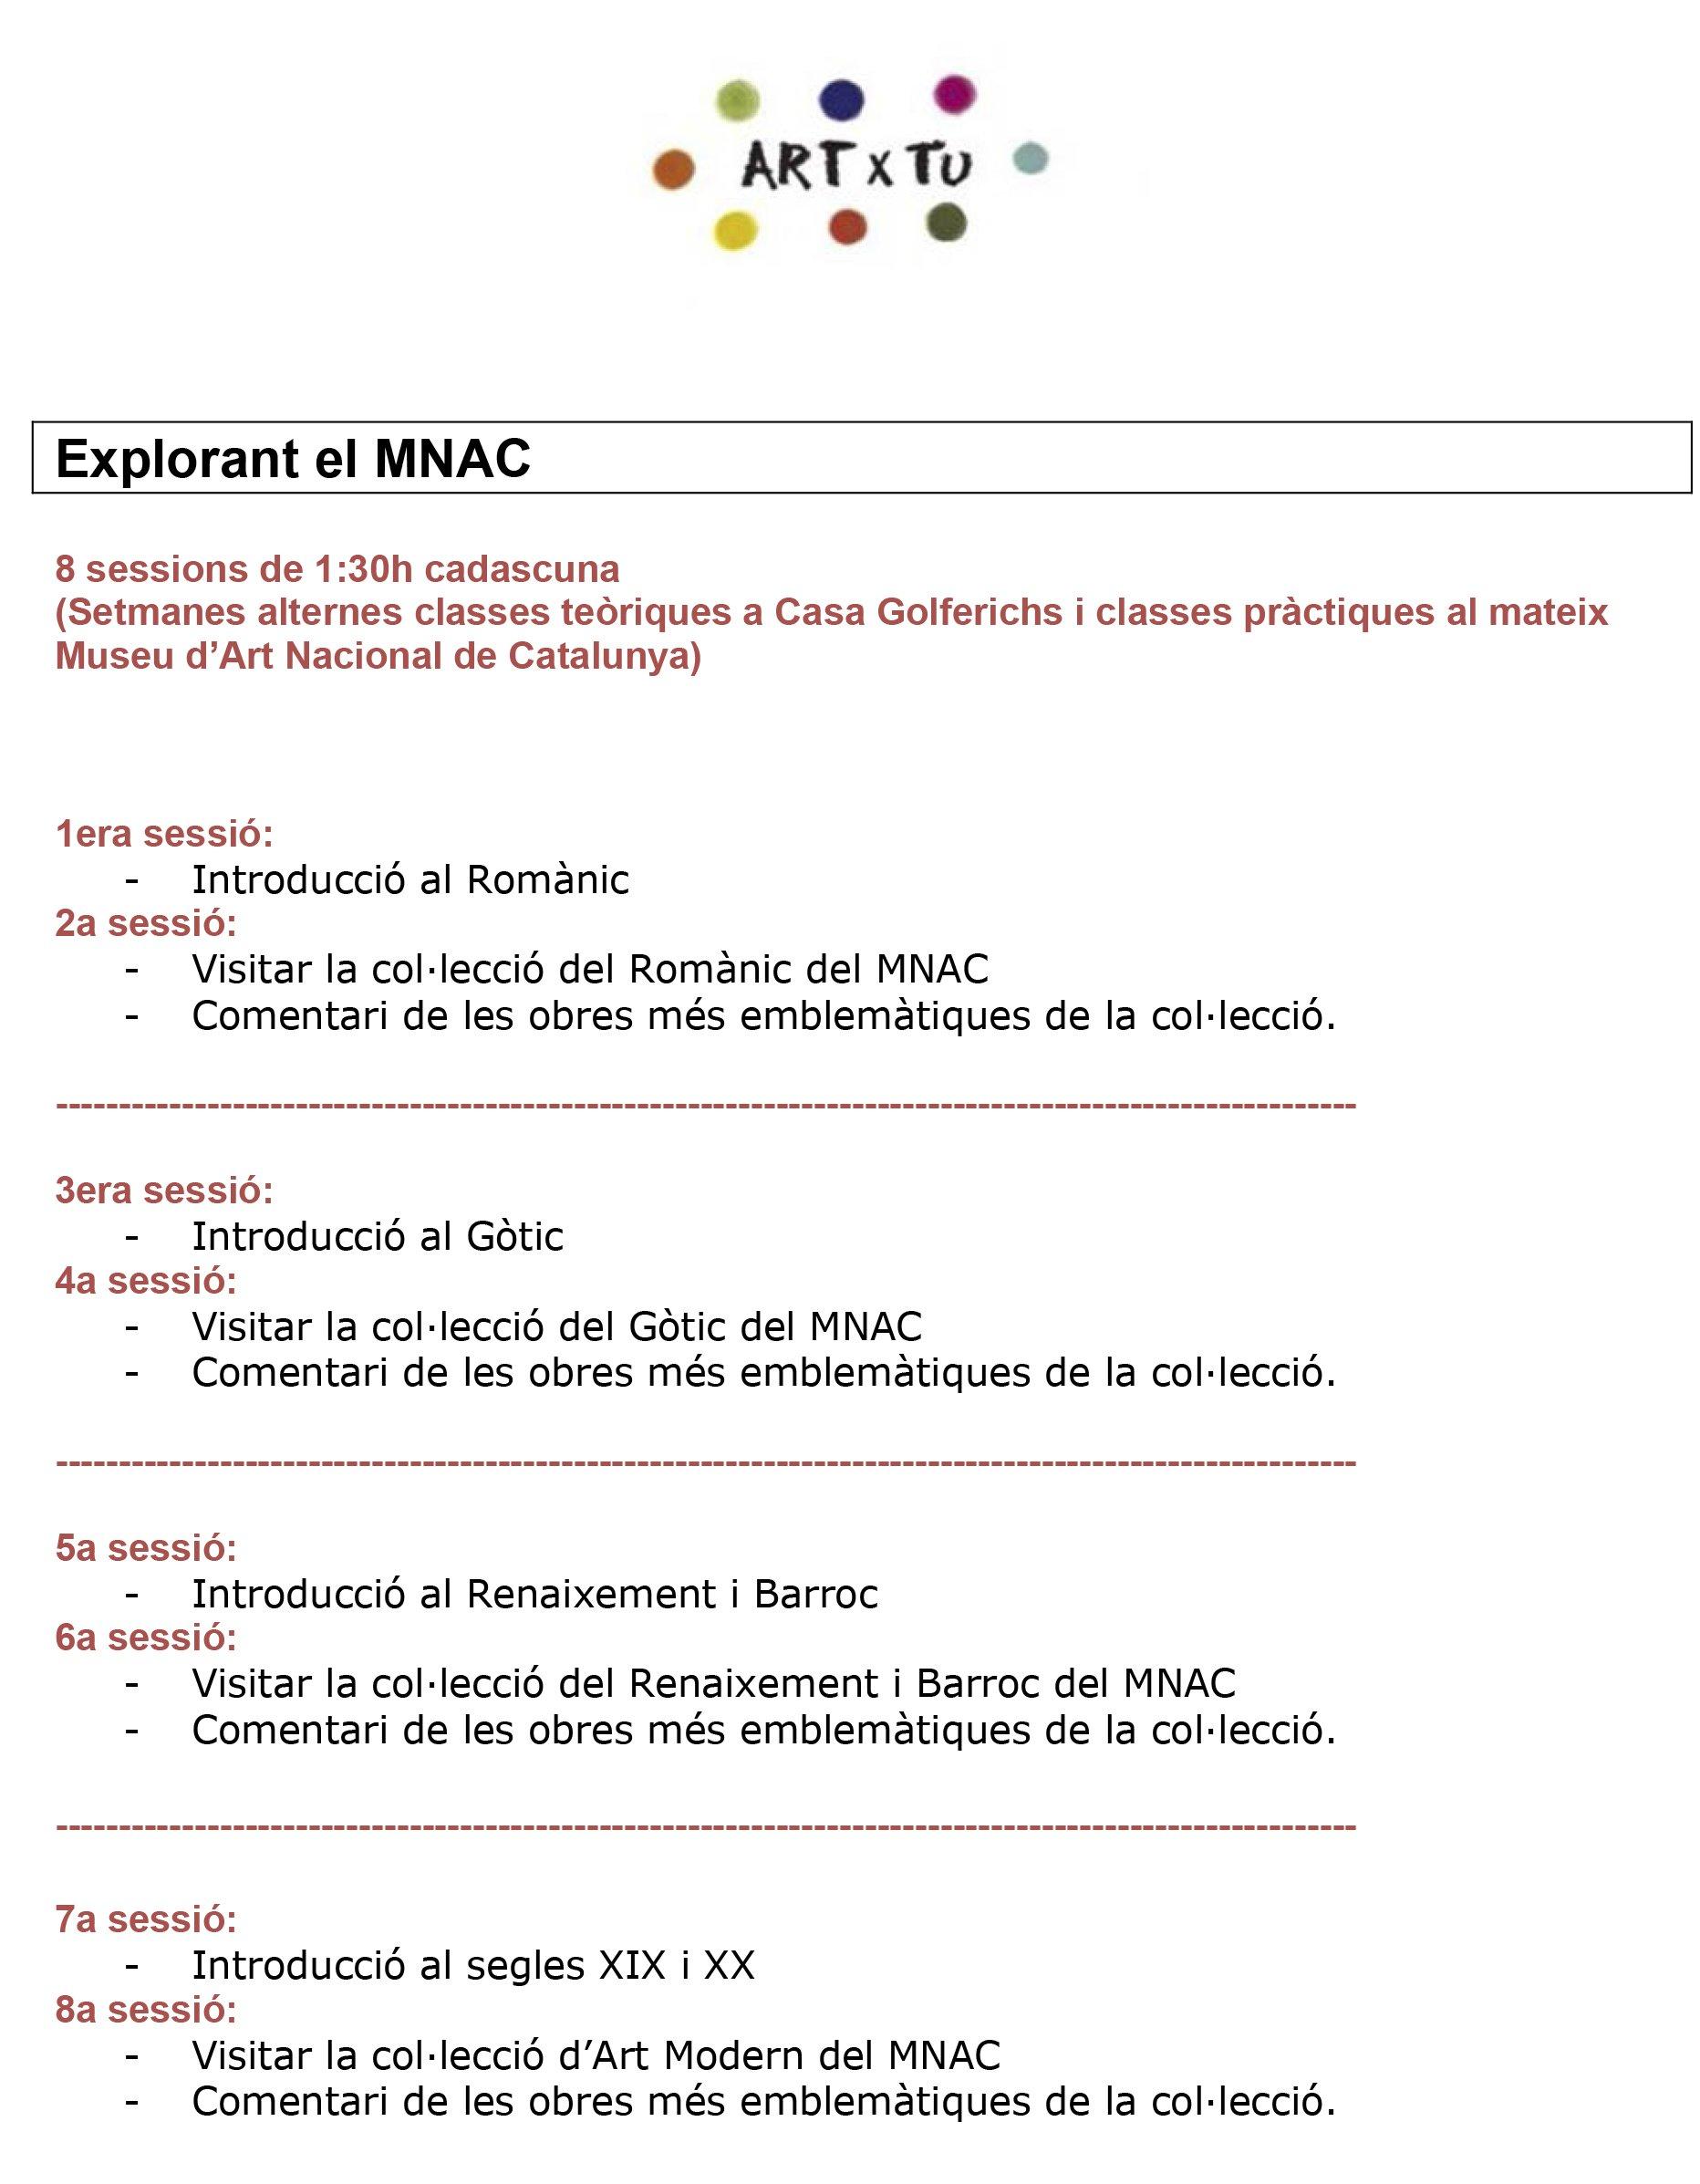 Explorant-el-MNAC-Programa Prueba calendario